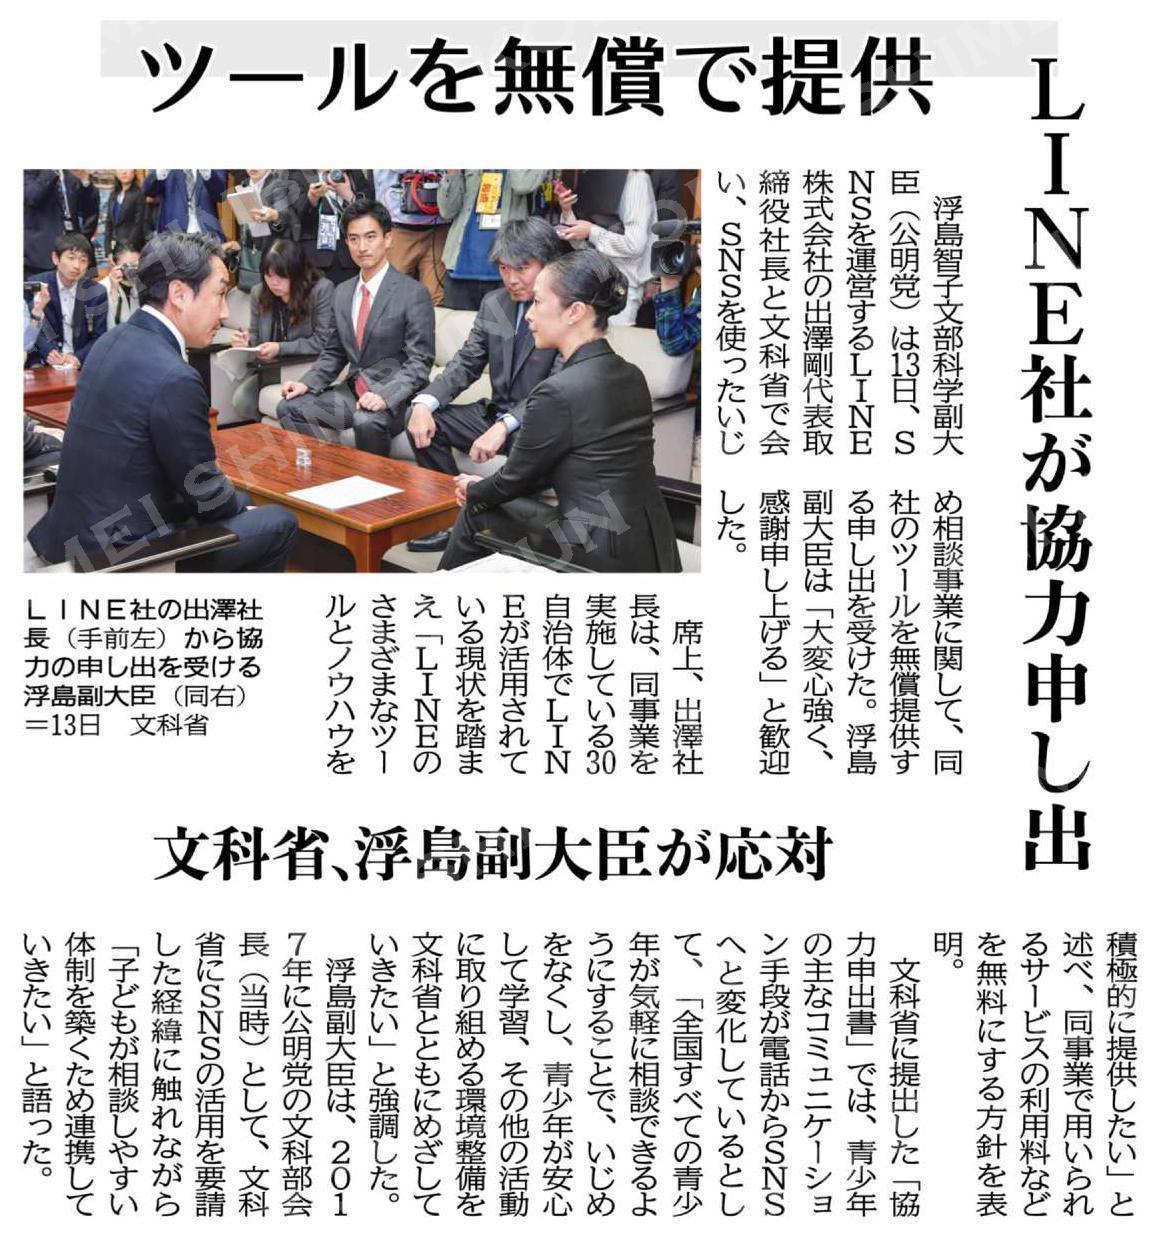 ツールを無償で提供/LINE社が協力申し出/文科省、浮島副大臣が応対